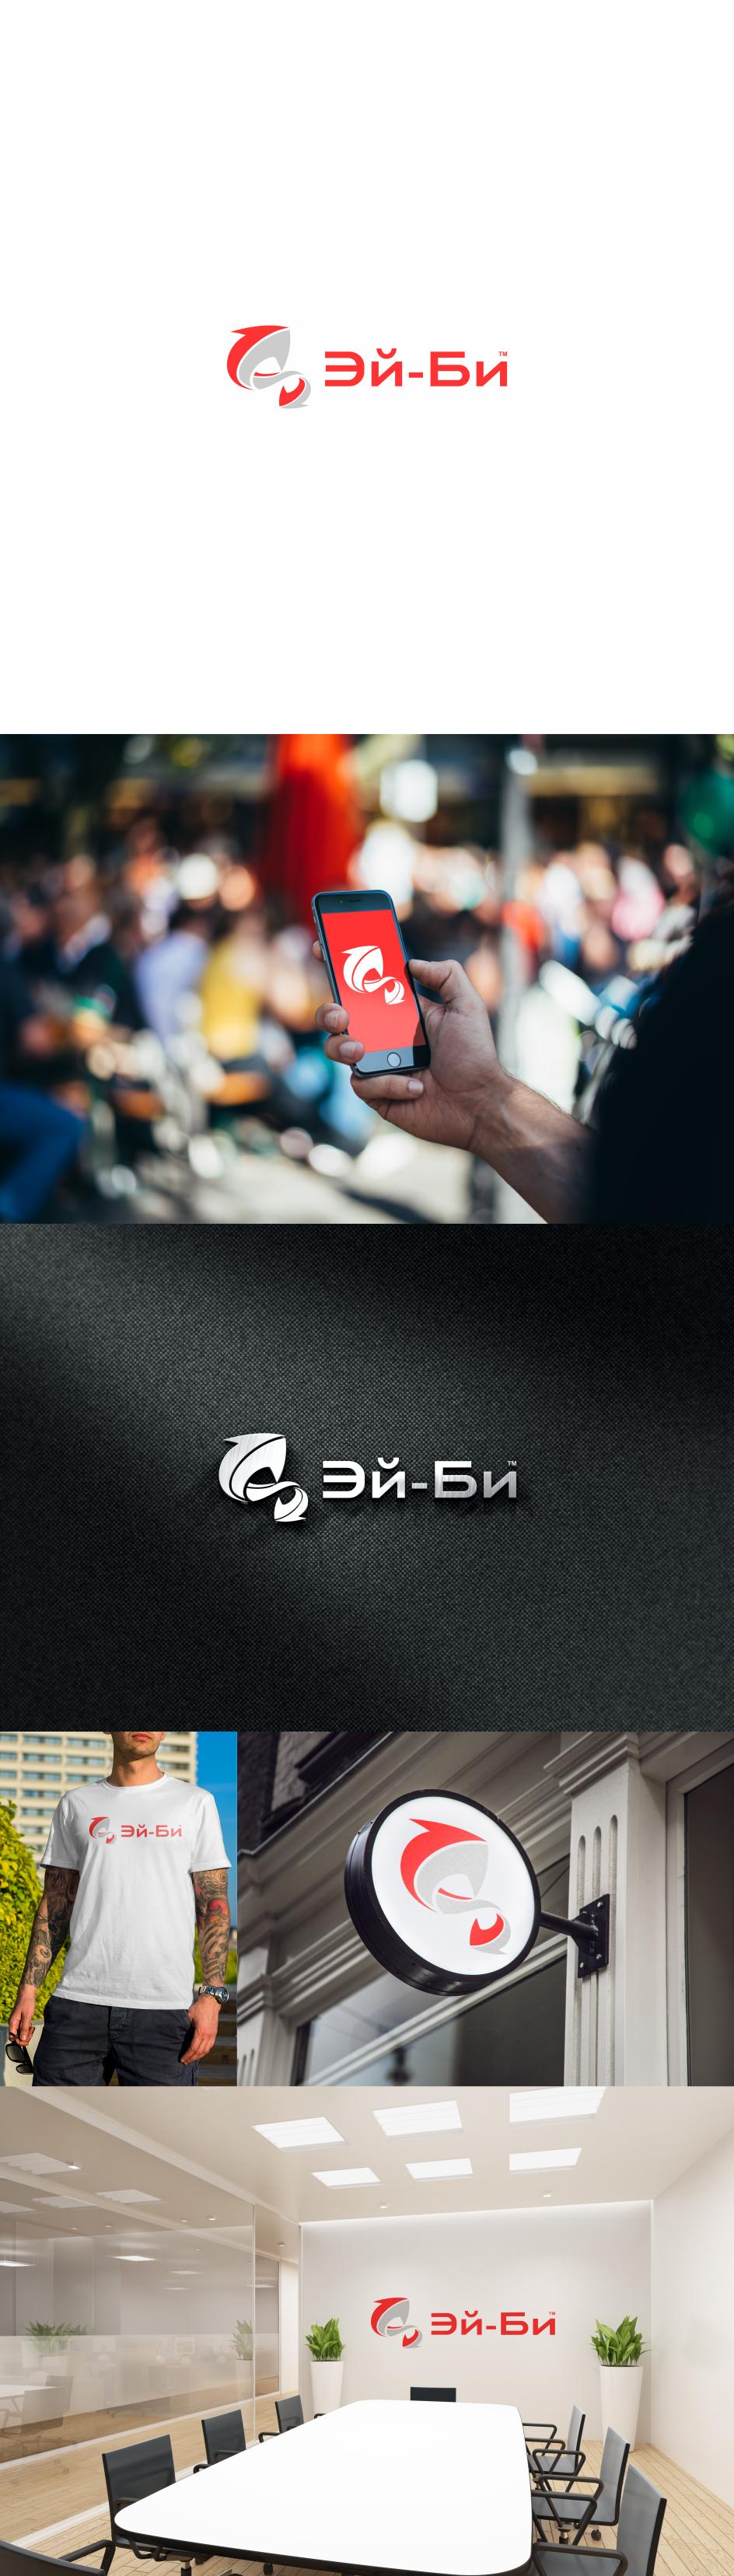 Разработка логотипа и фирменного стиля фото f_0325ce2c6d467607.jpg